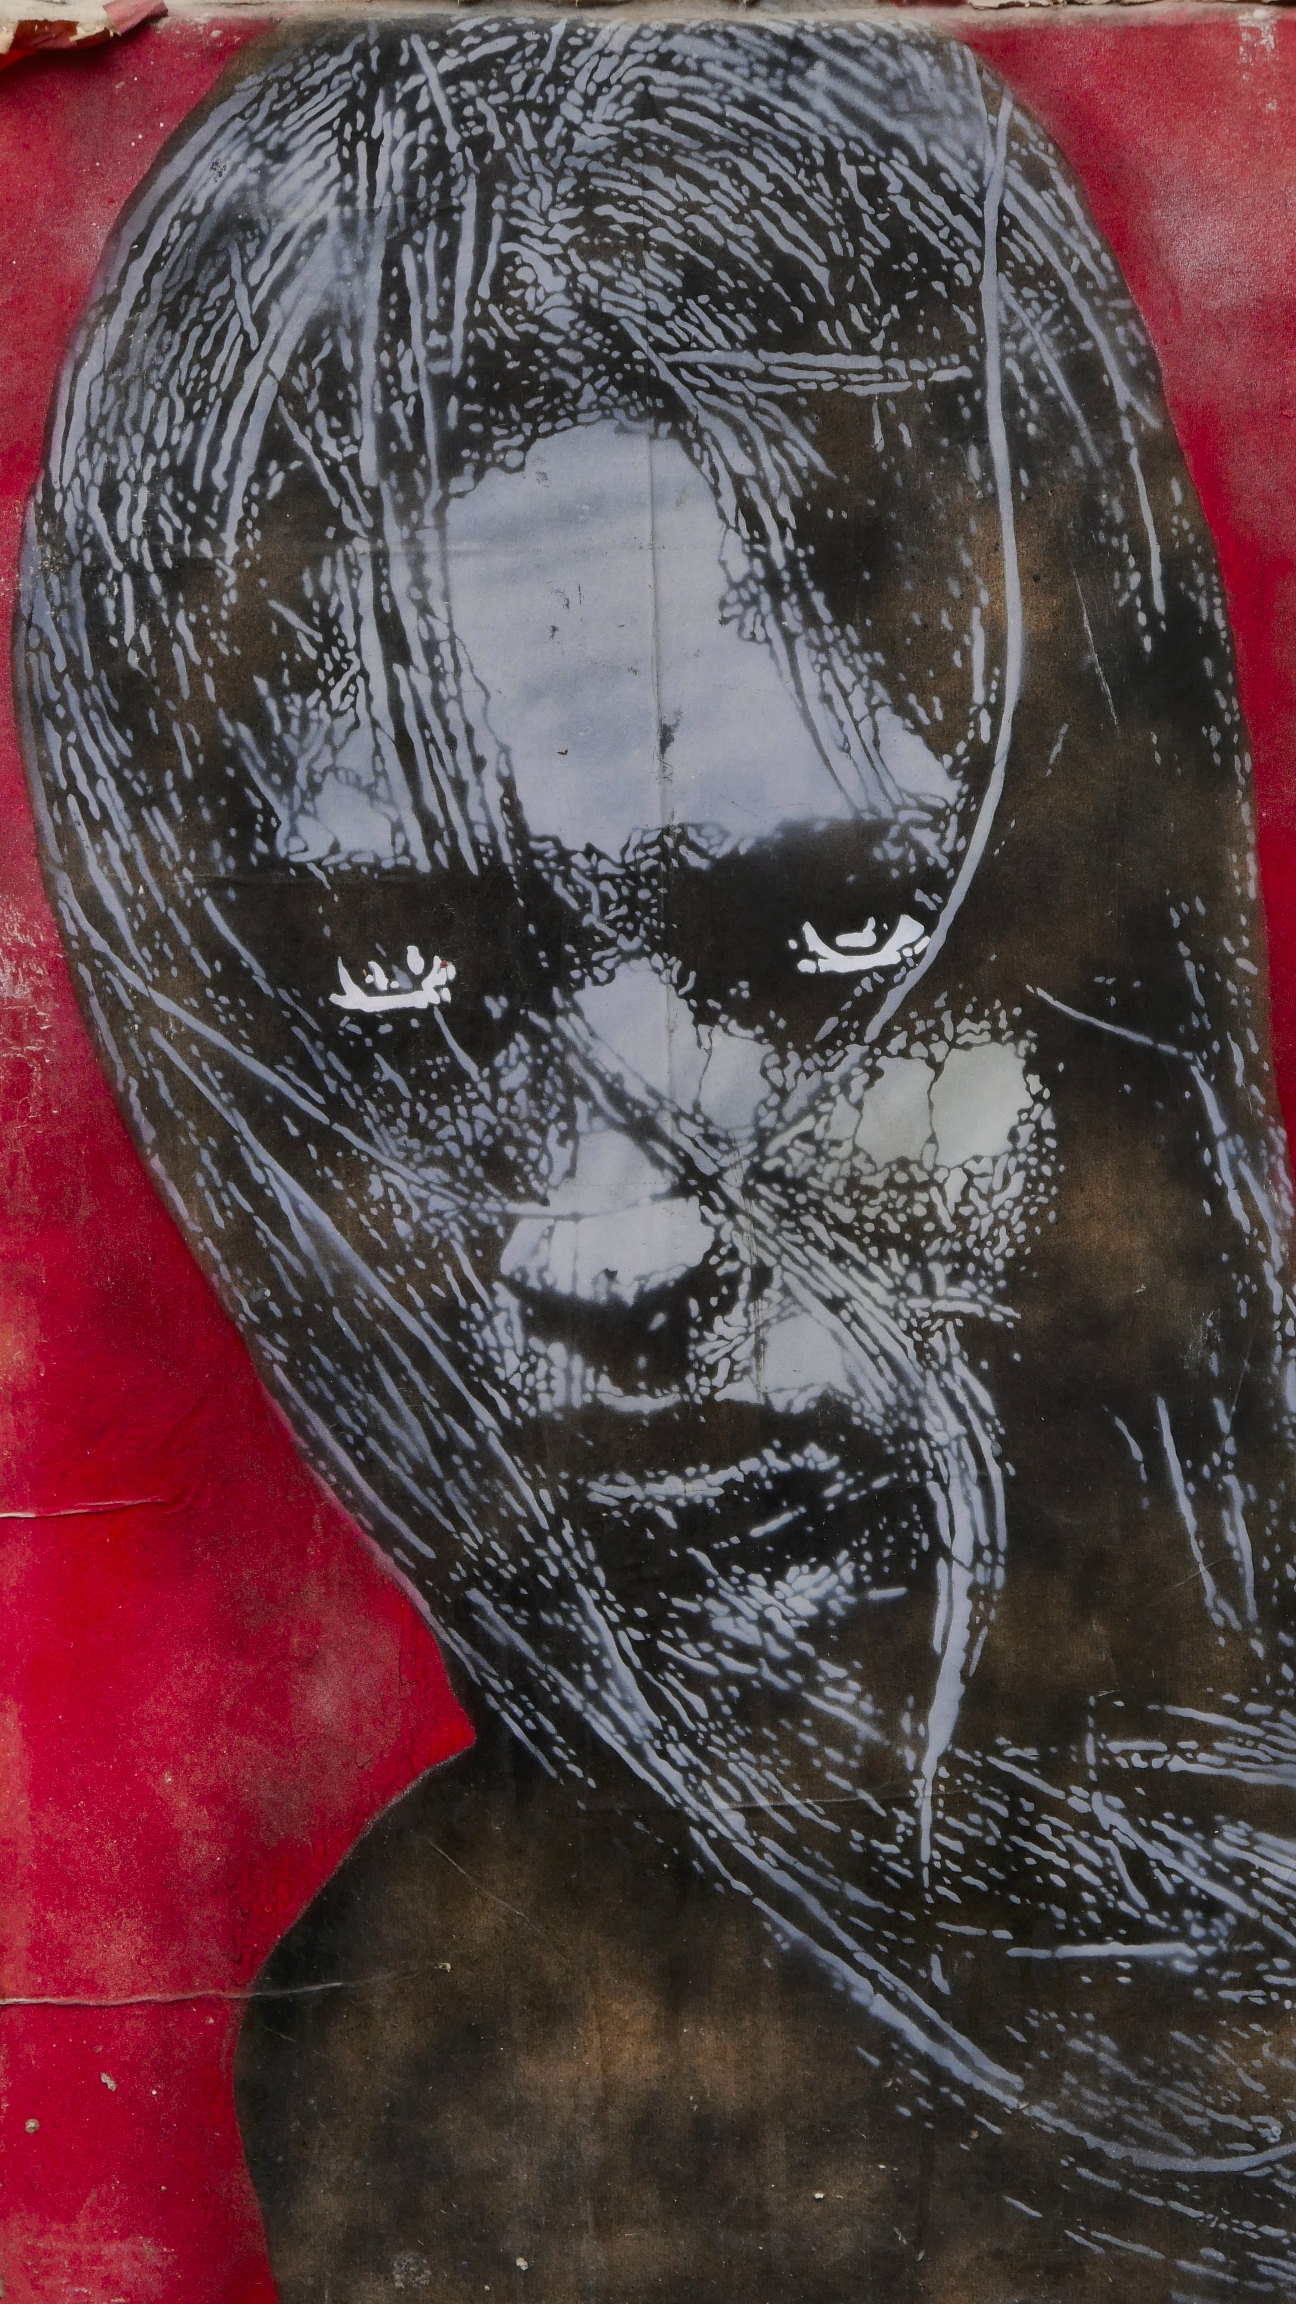 Palermo - Graffiti